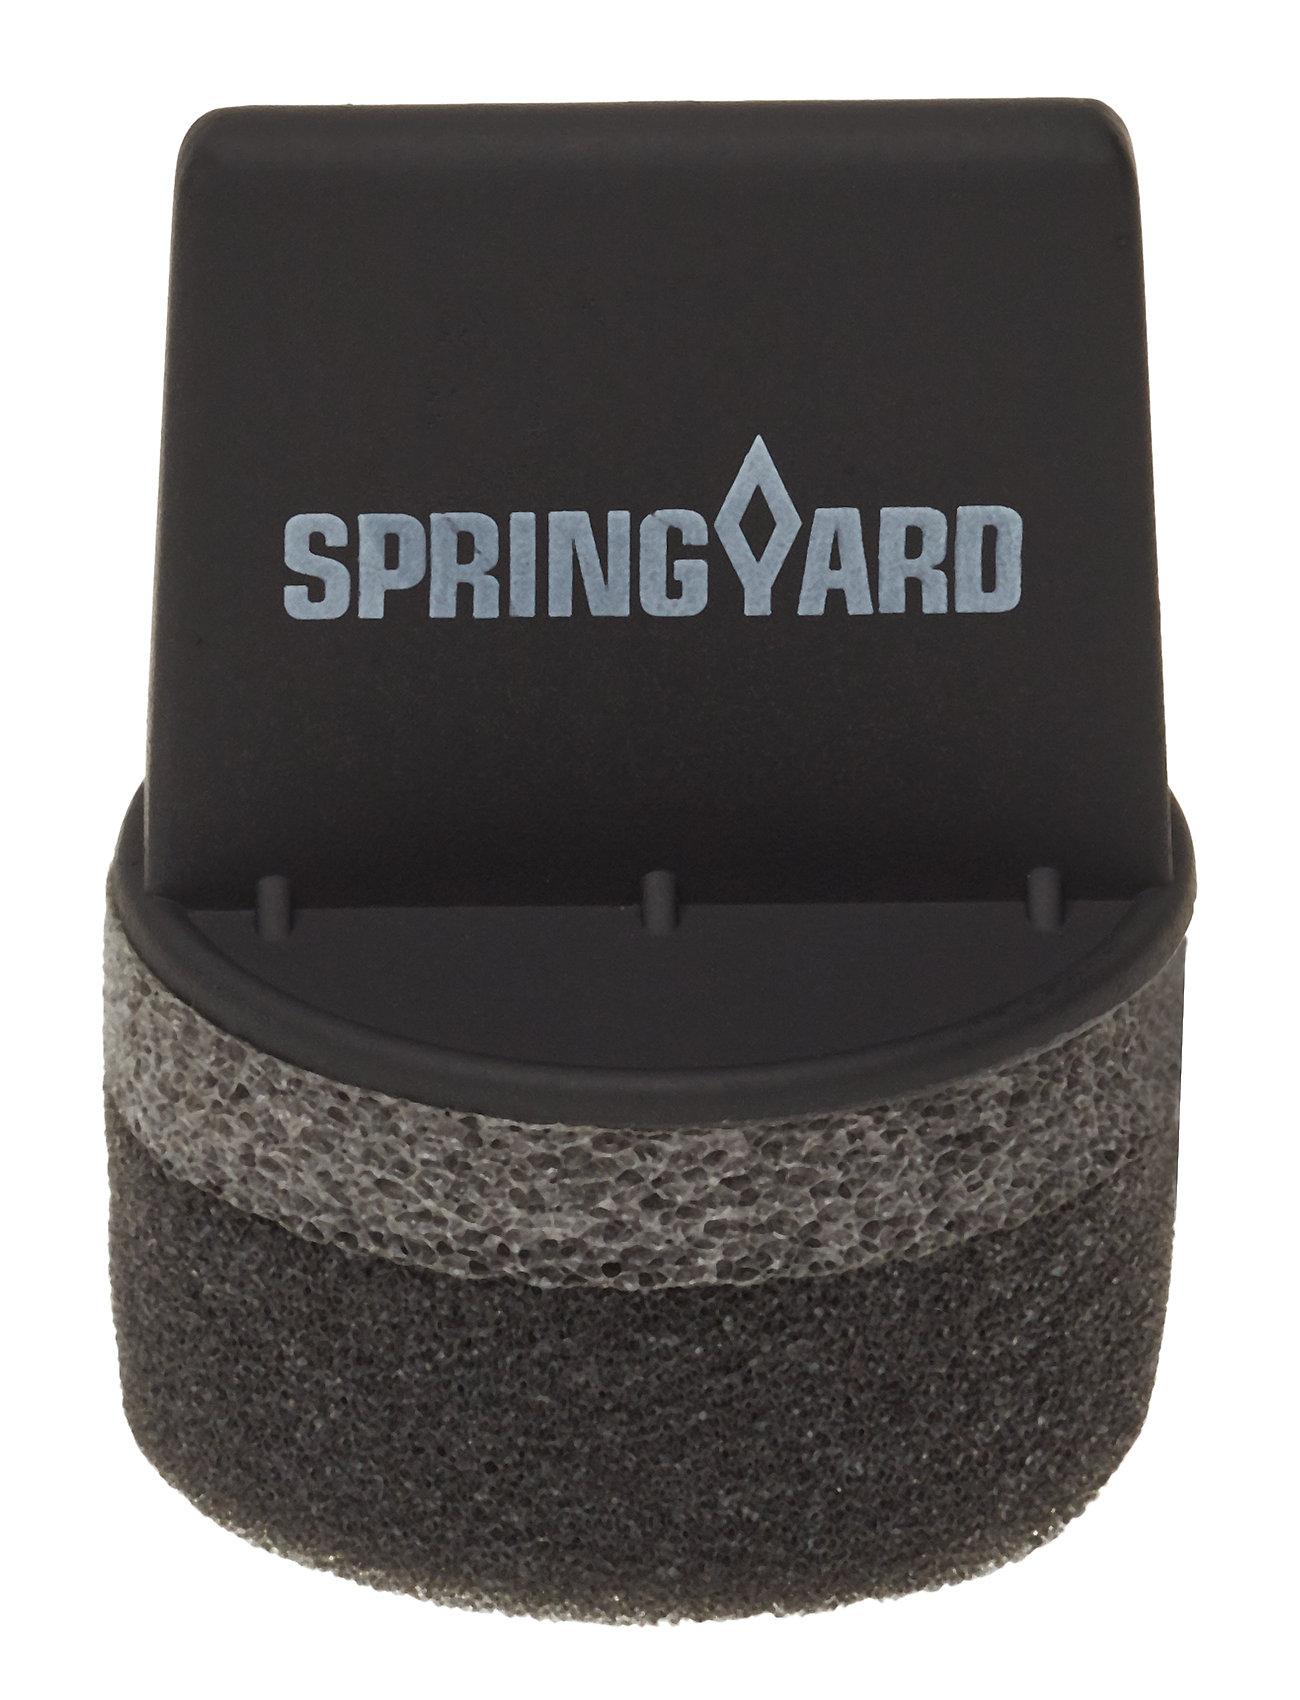 Image of Applicator Skopleje Sort Springyard (3480171163)